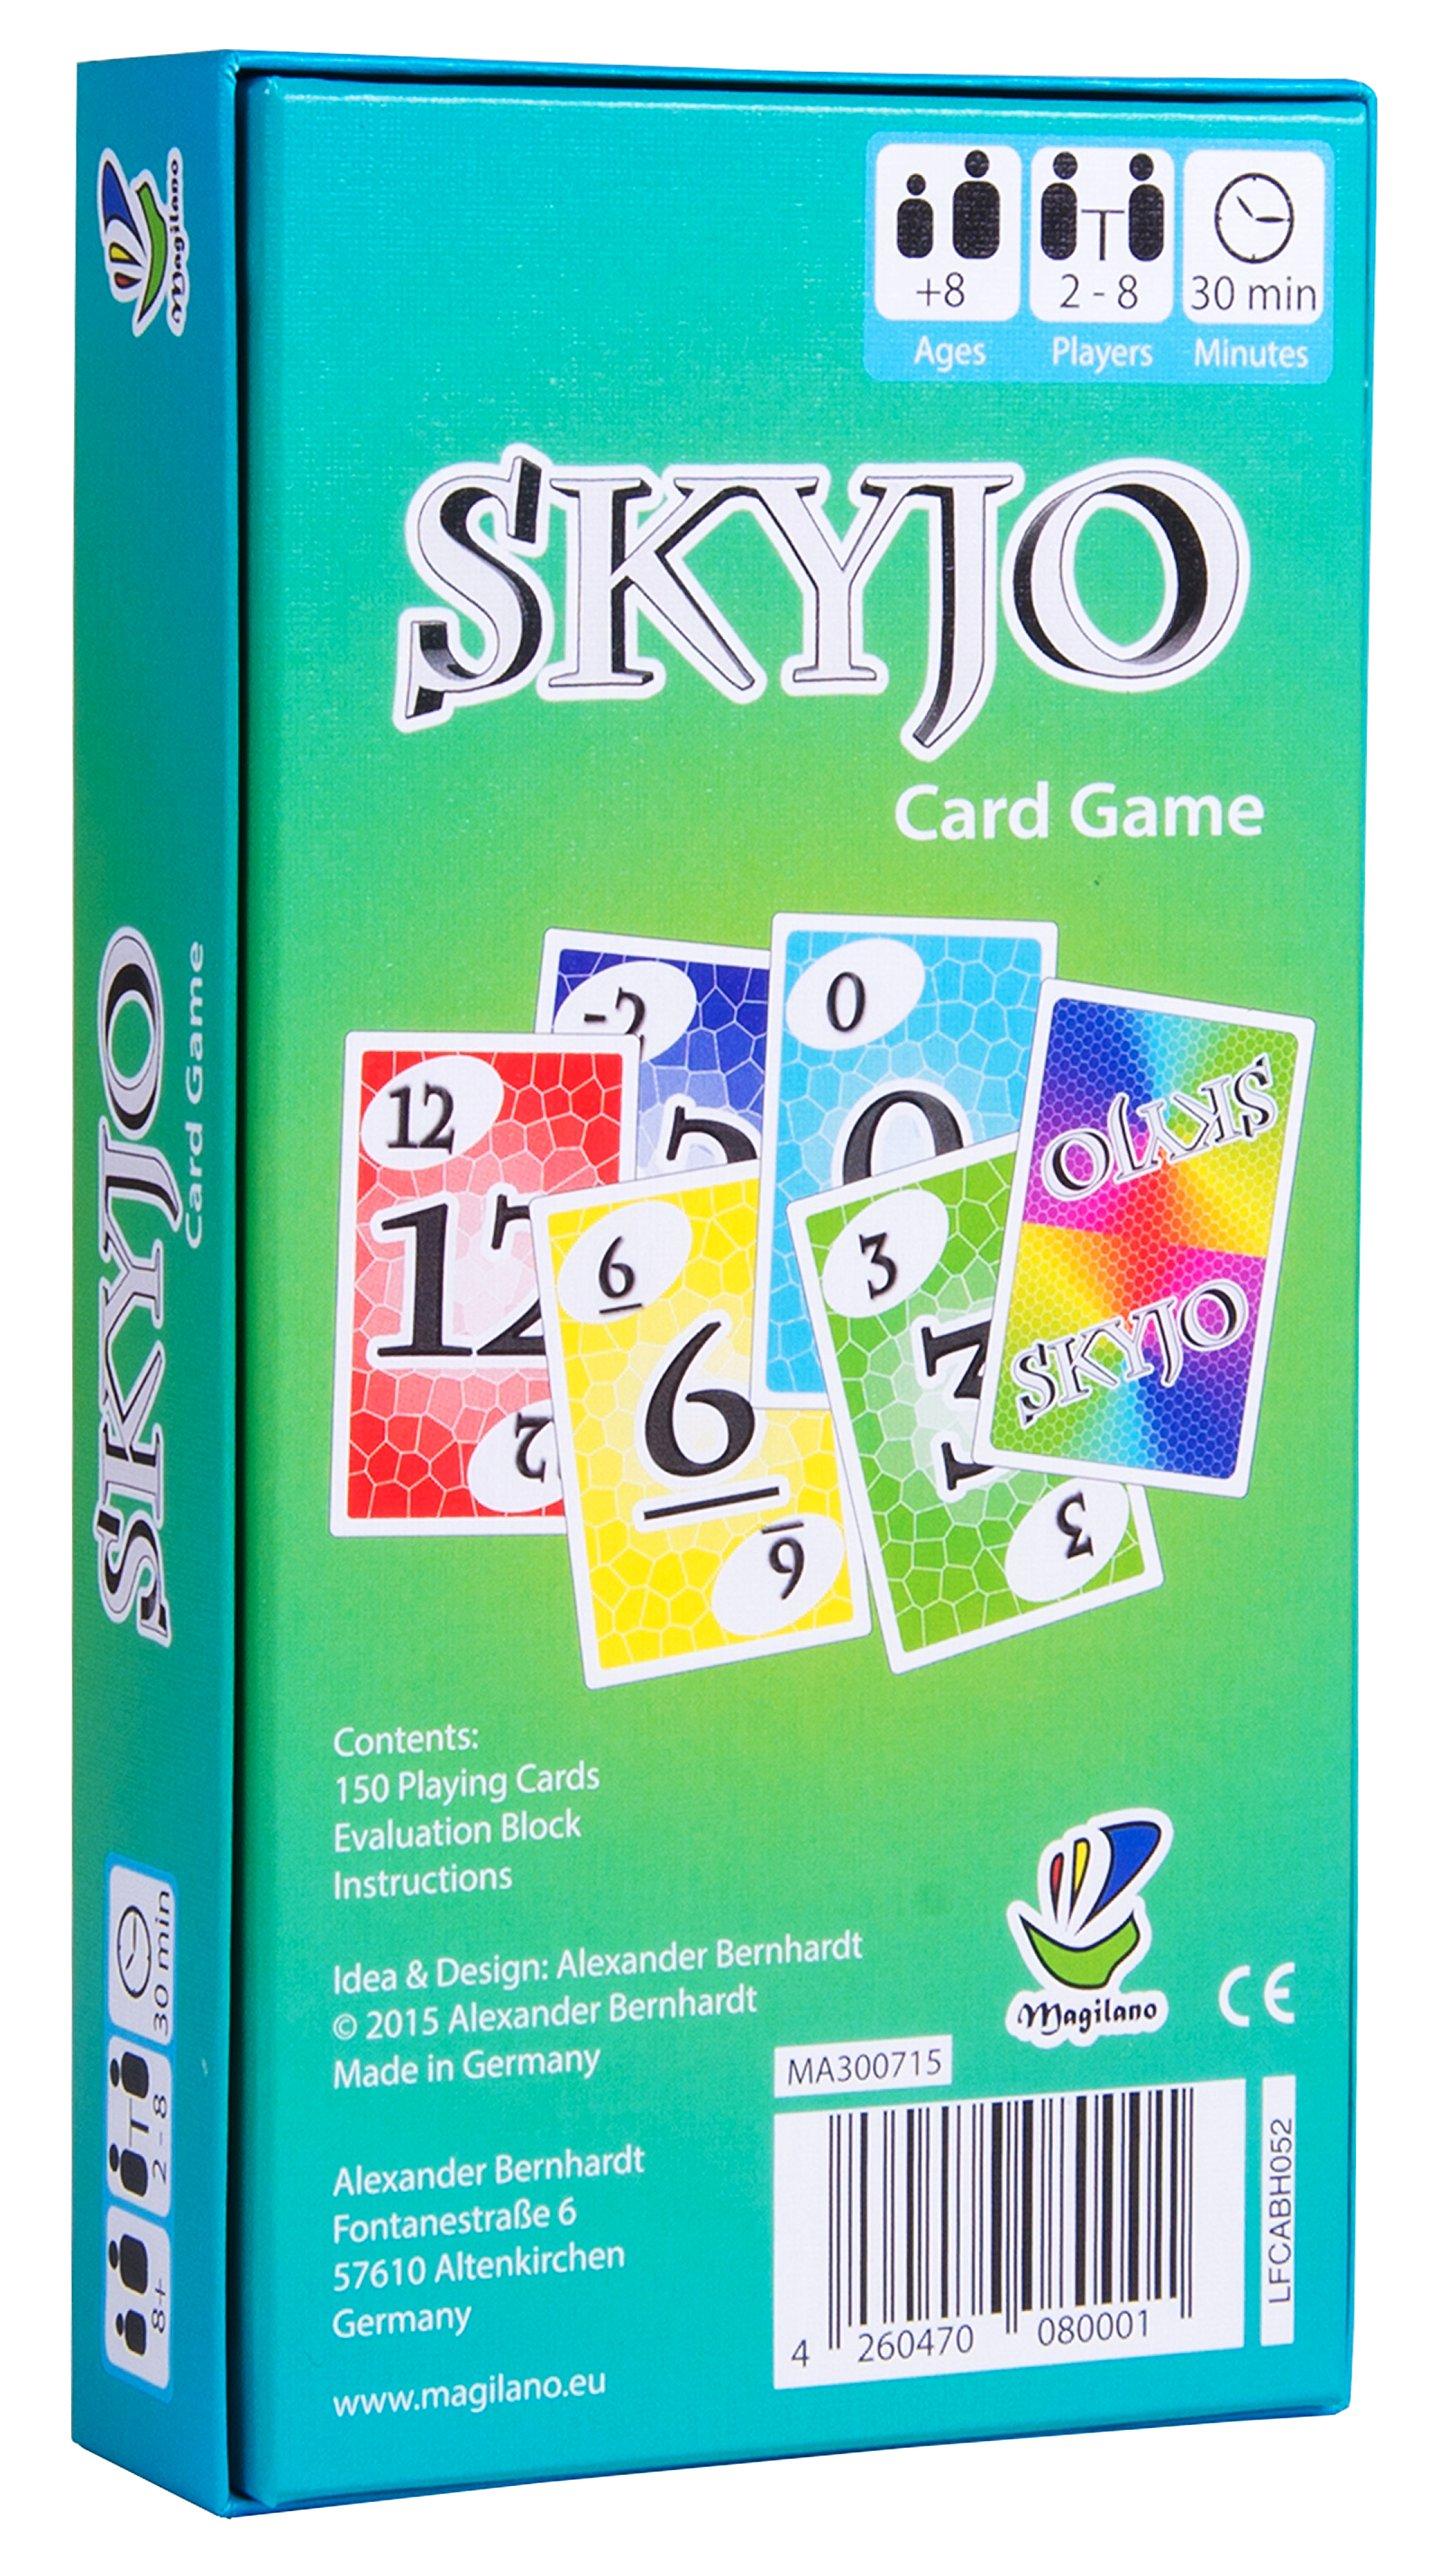 Comprar SKYJO de Magilano- El juego de cartas definitivo para niños y adultos.